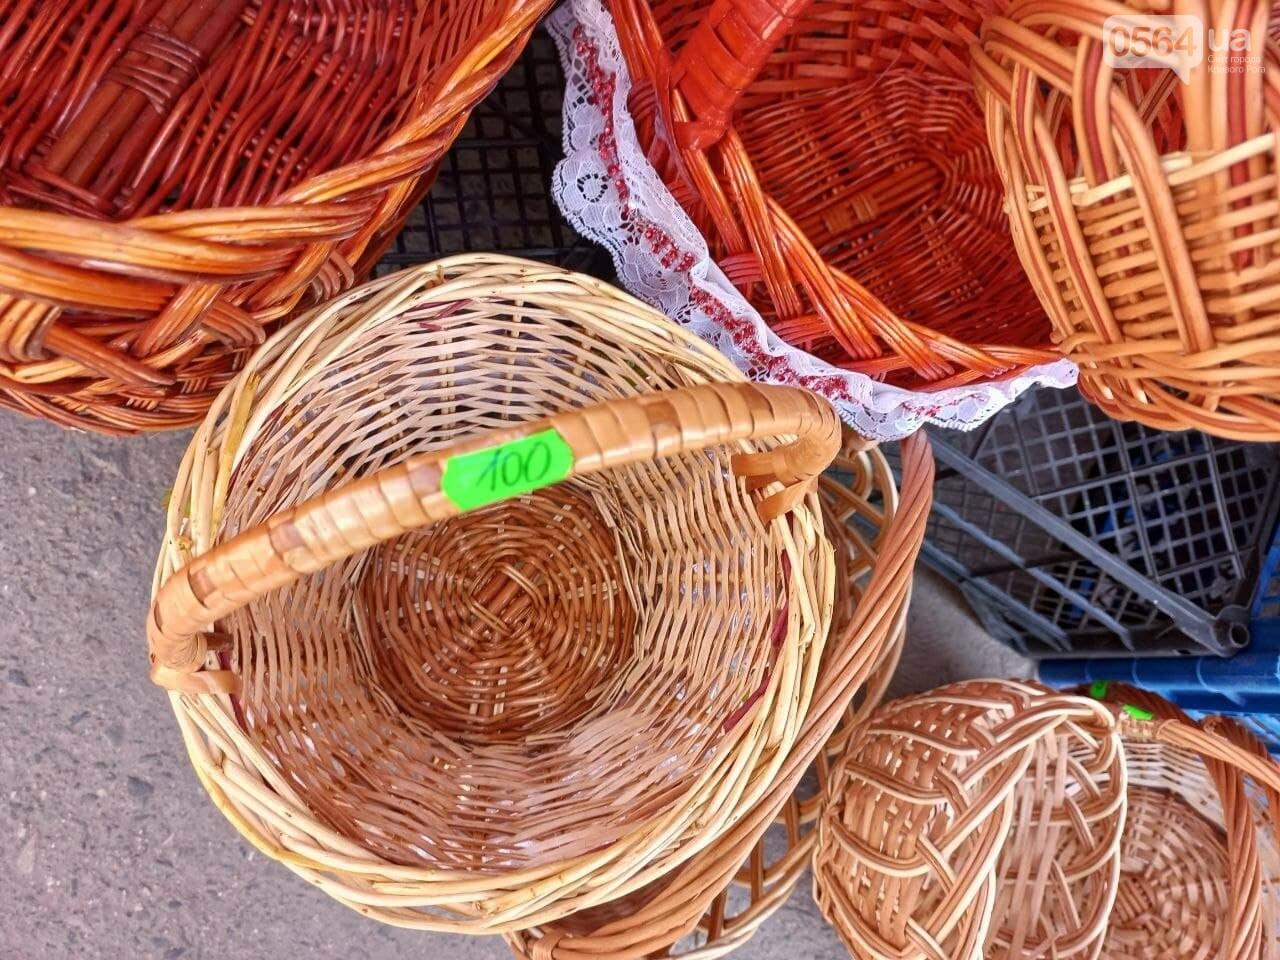 Пасхальная корзина 2021: сколько стоит традиционный праздничный набор продуктов в Кривом Роге, - ФОТО, фото-33